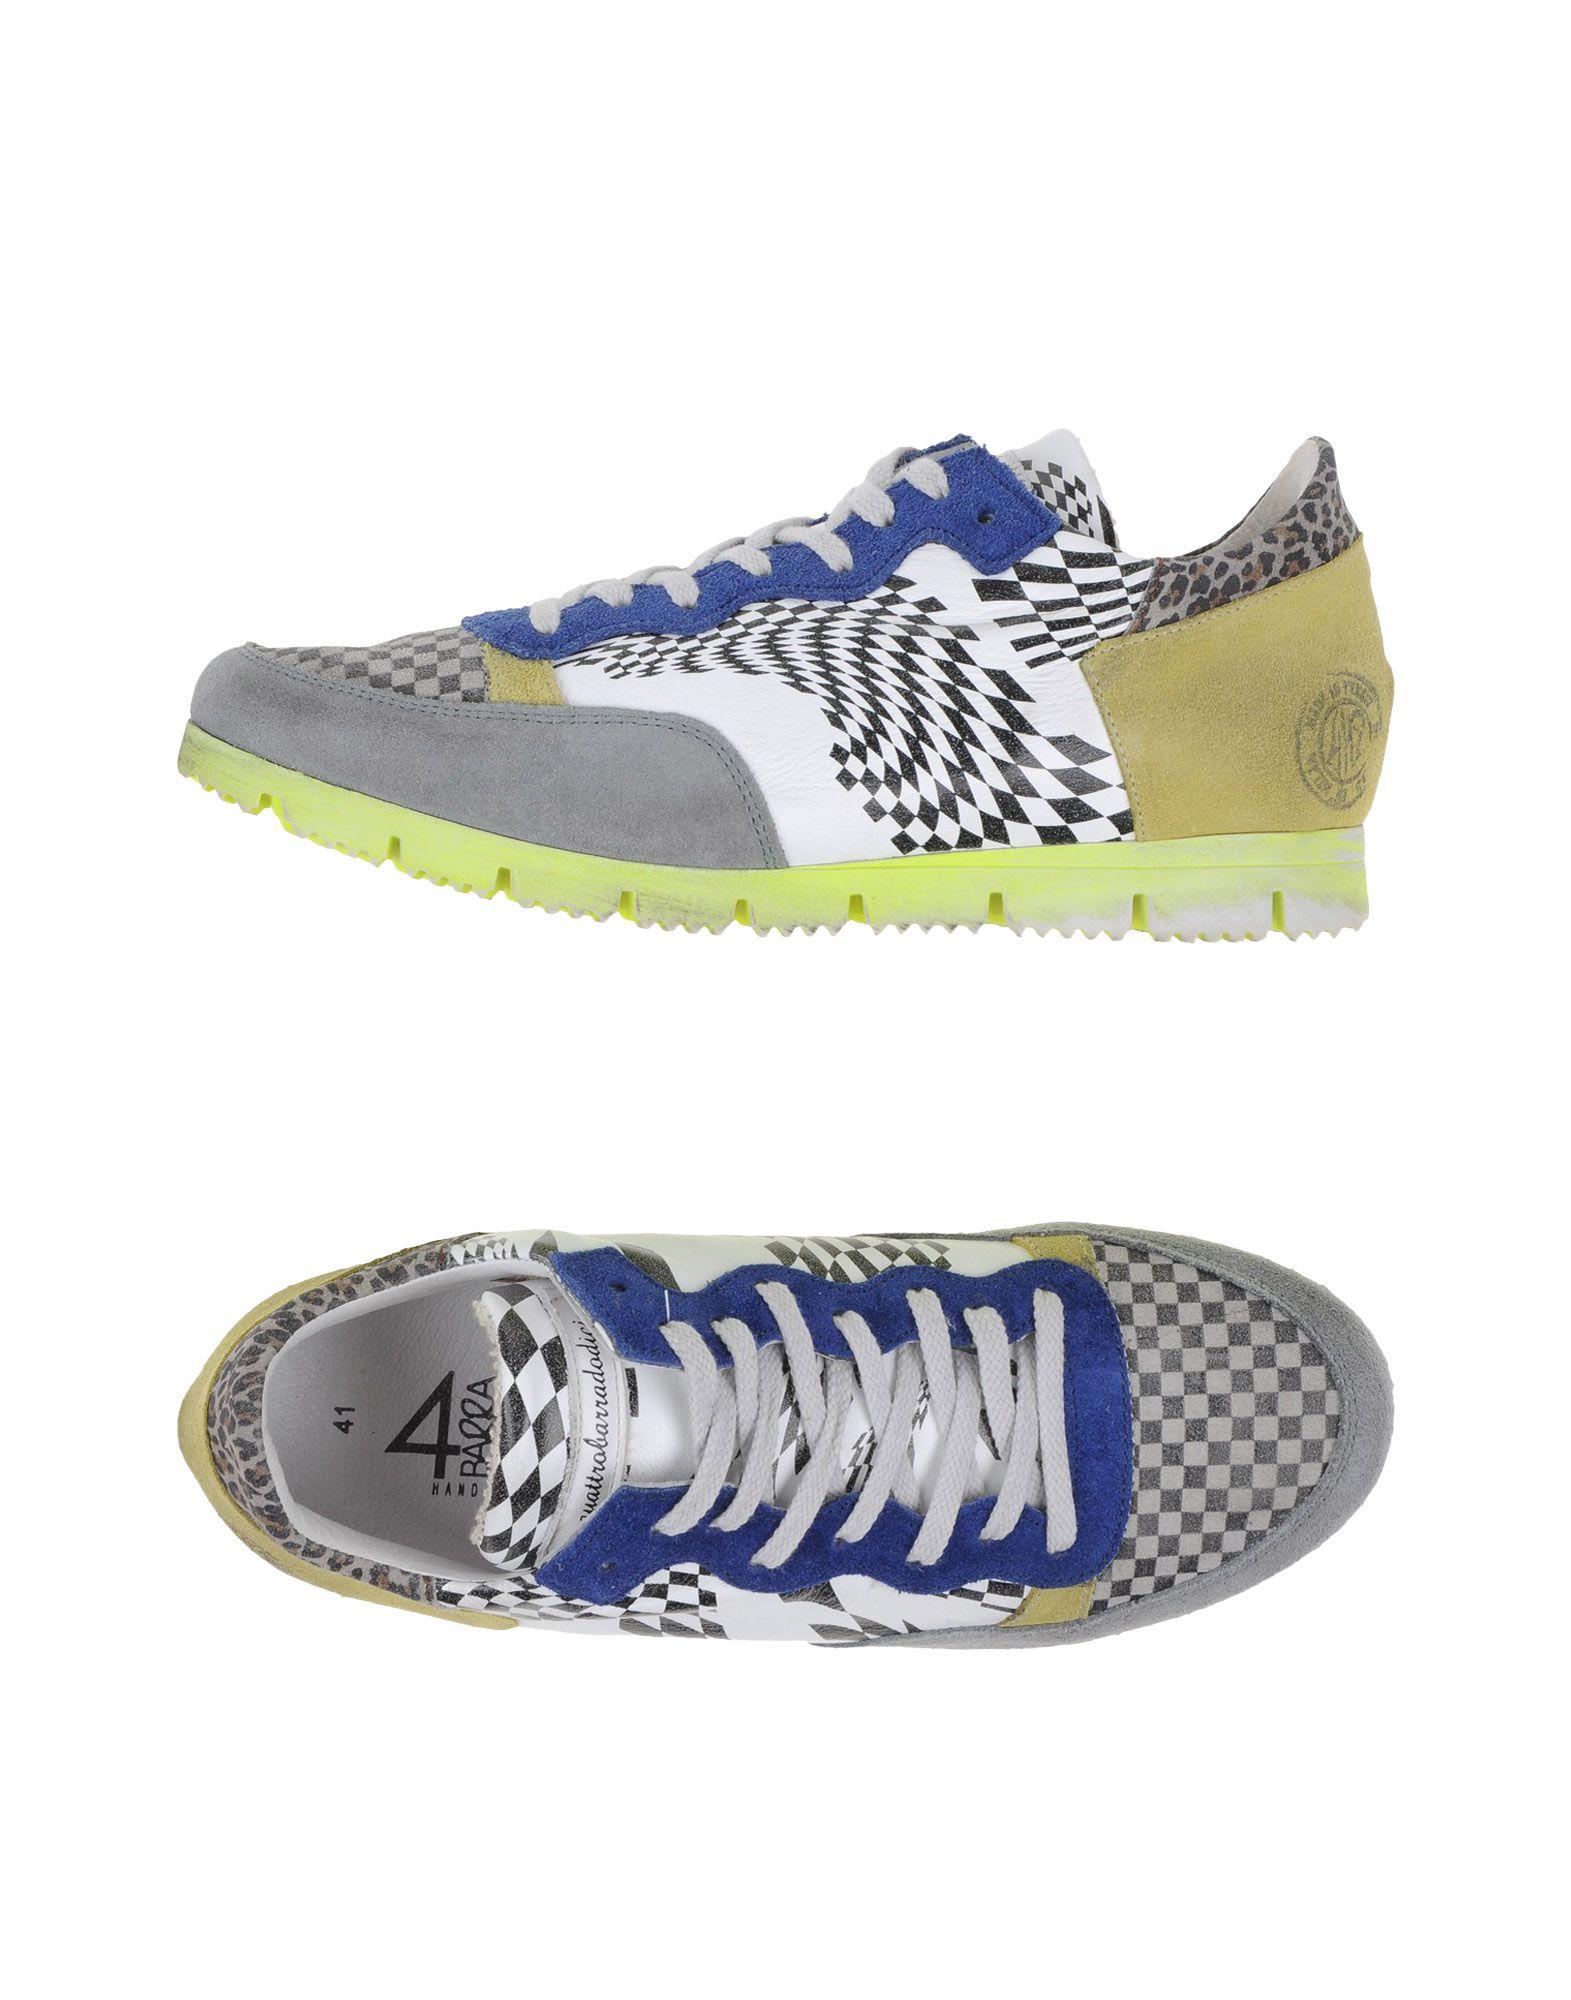 Rabatt echte Sneakers Schuhe Quattrobarradodici Sneakers echte Herren  44968636KM 53d263